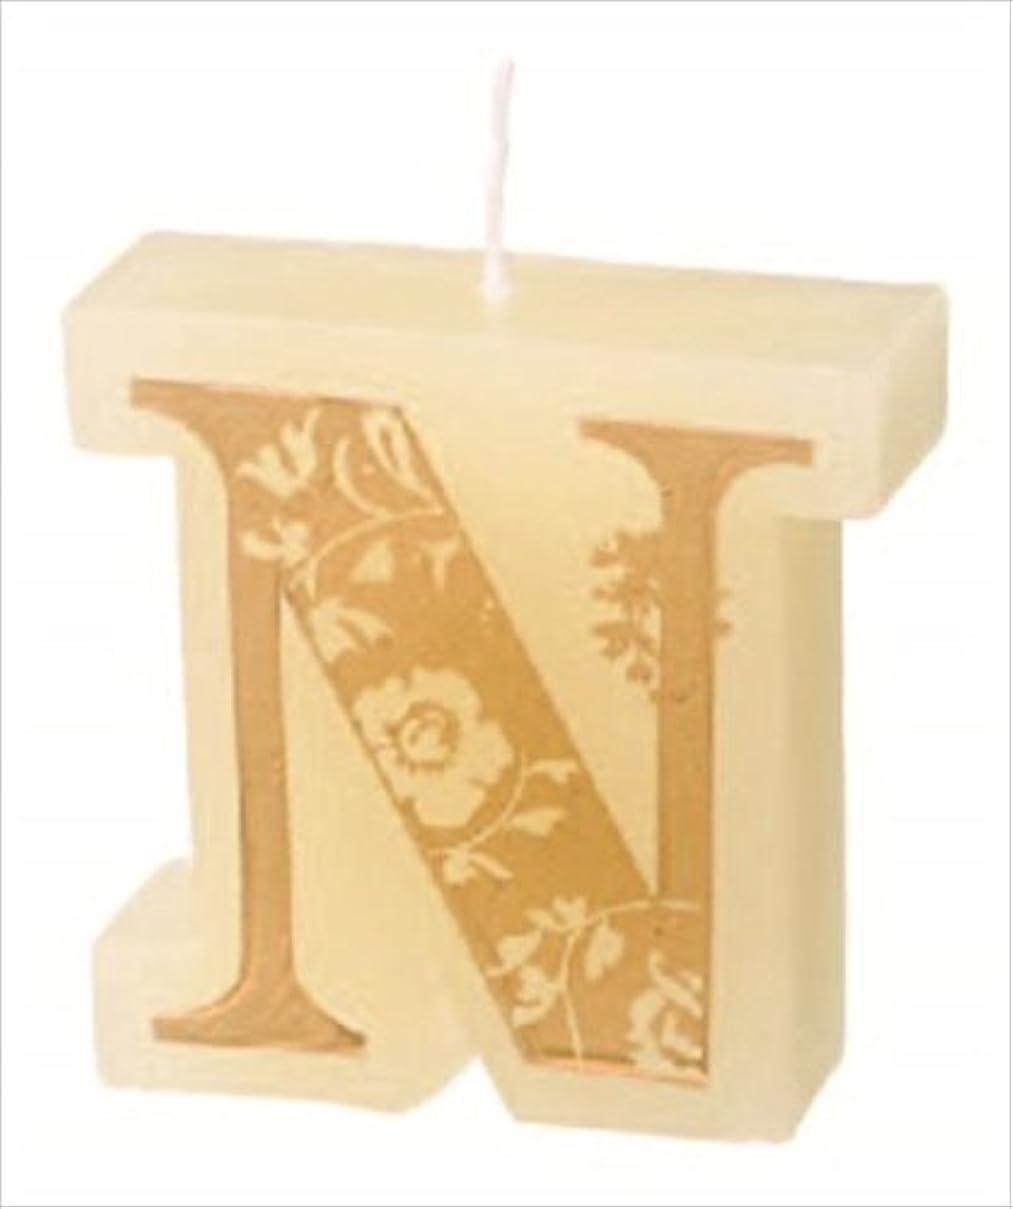 舌探検寛大なカメヤマキャンドル(kameyama candle) イニシャルキャンドルミニ 「 N 」